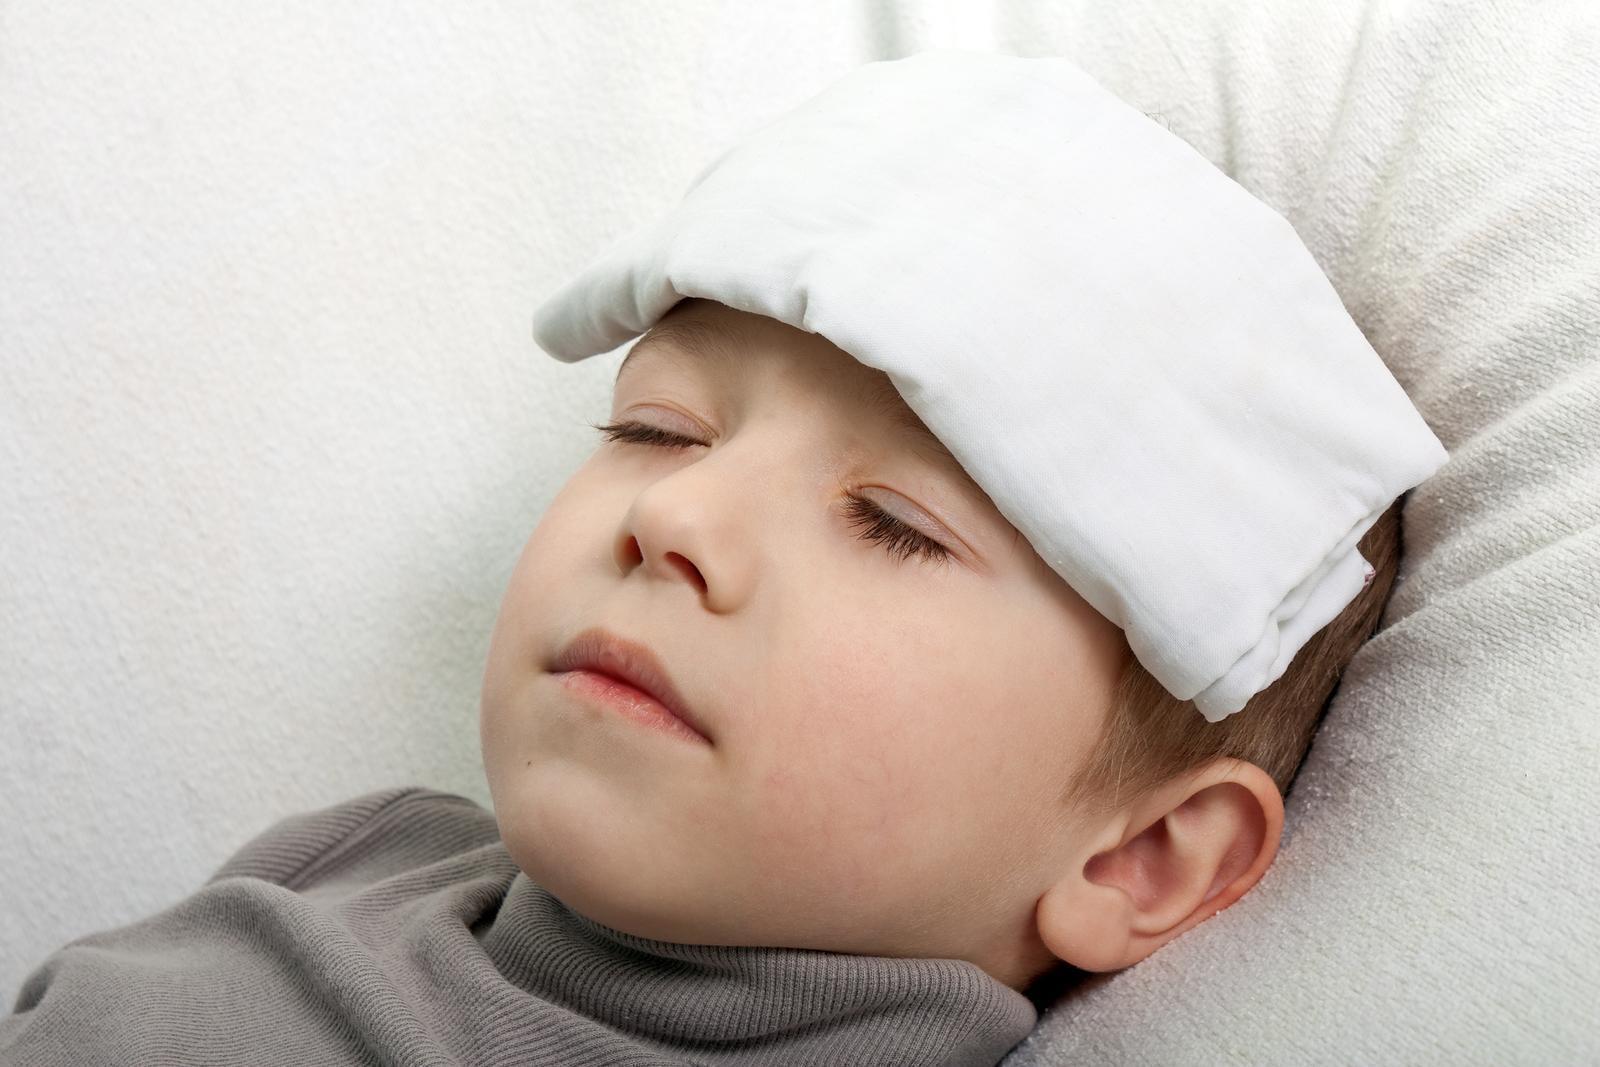 Baixar a Febre – Dicas Caseiras Para Baixar Febre Alta em Adultos Crianças e bebês